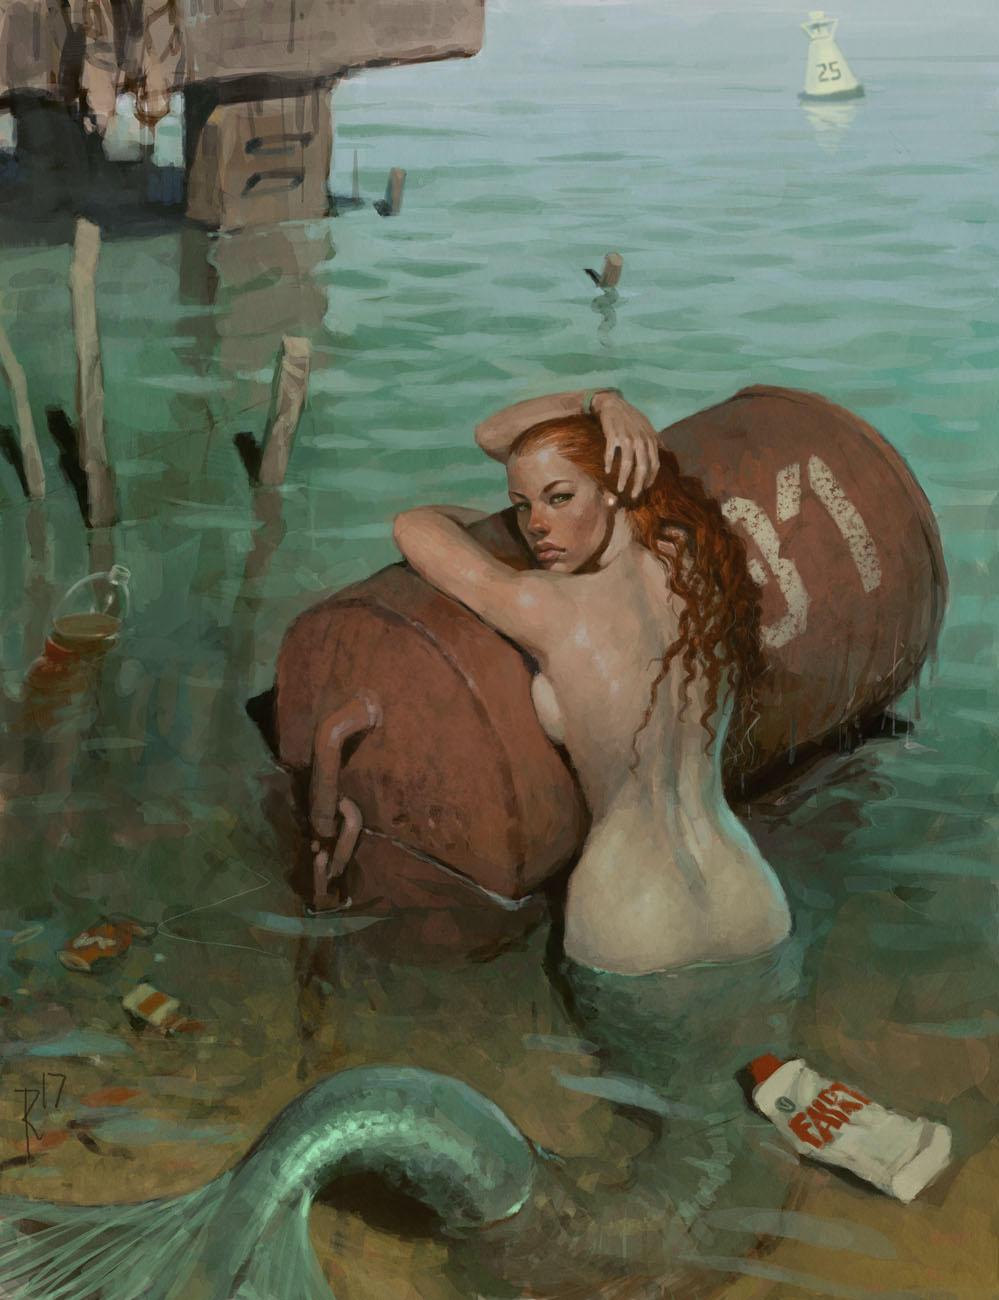 Mermaid2017 by Waldemar-Kazak